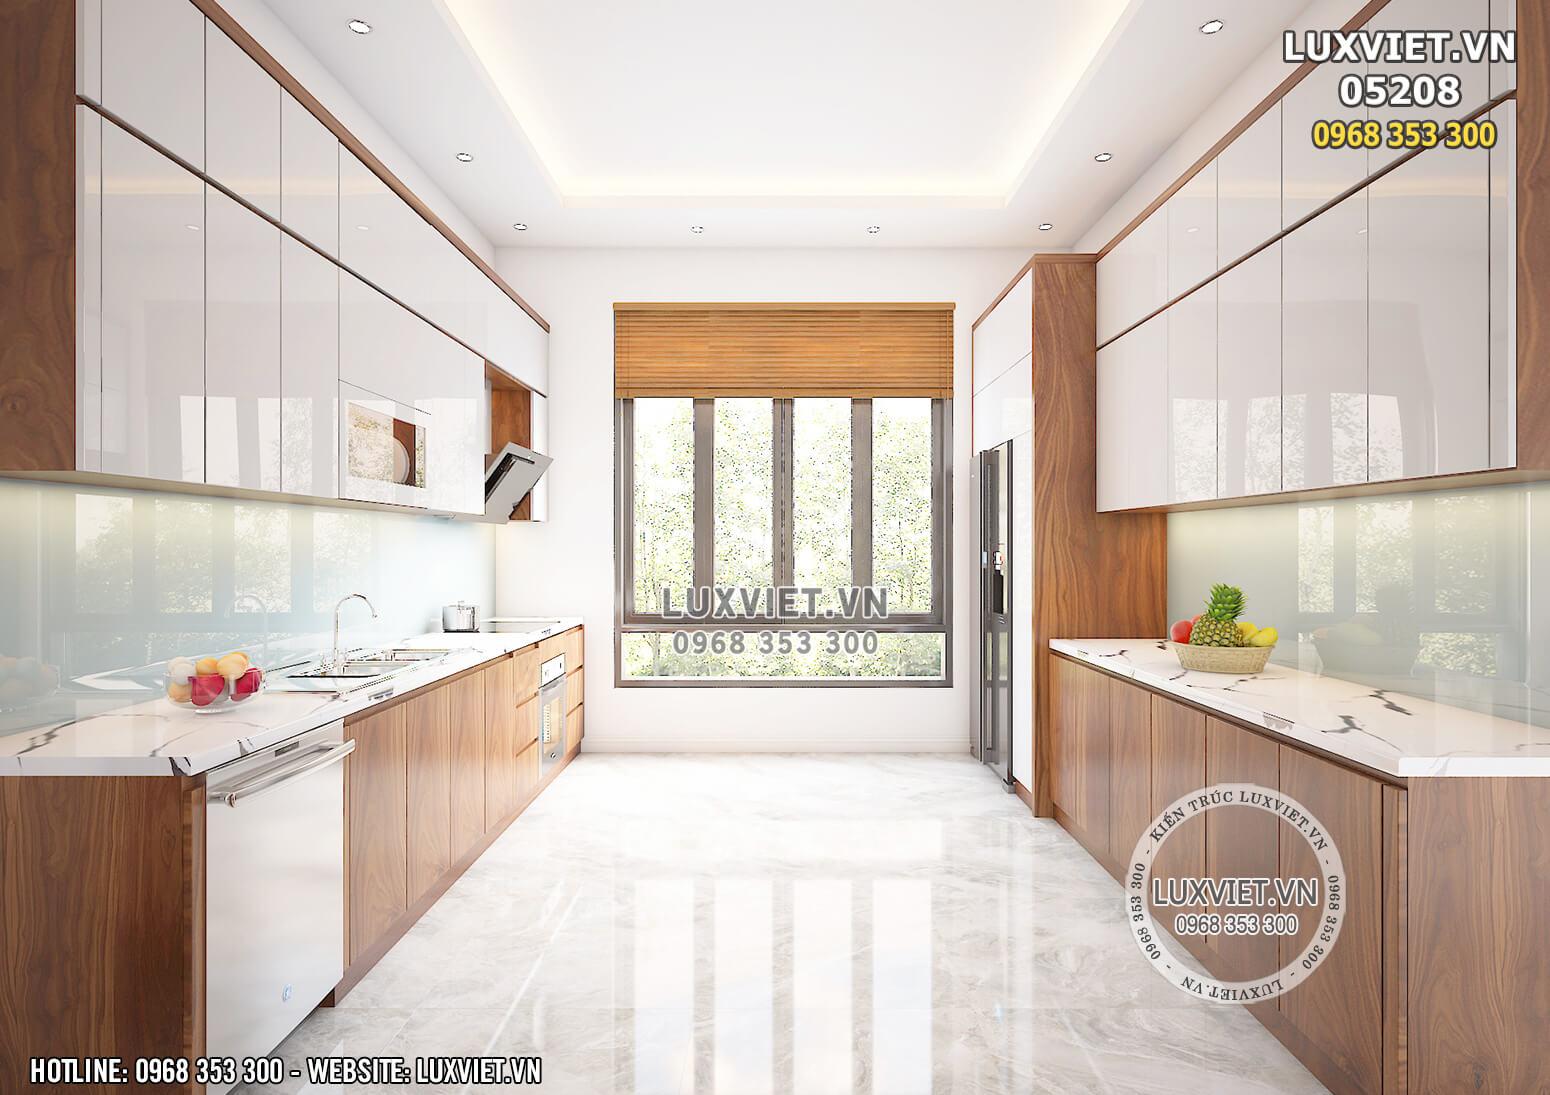 Hình ảnh: Khu vực bếp được thiết kế rộng rãi và tiện nghi - LV 05208